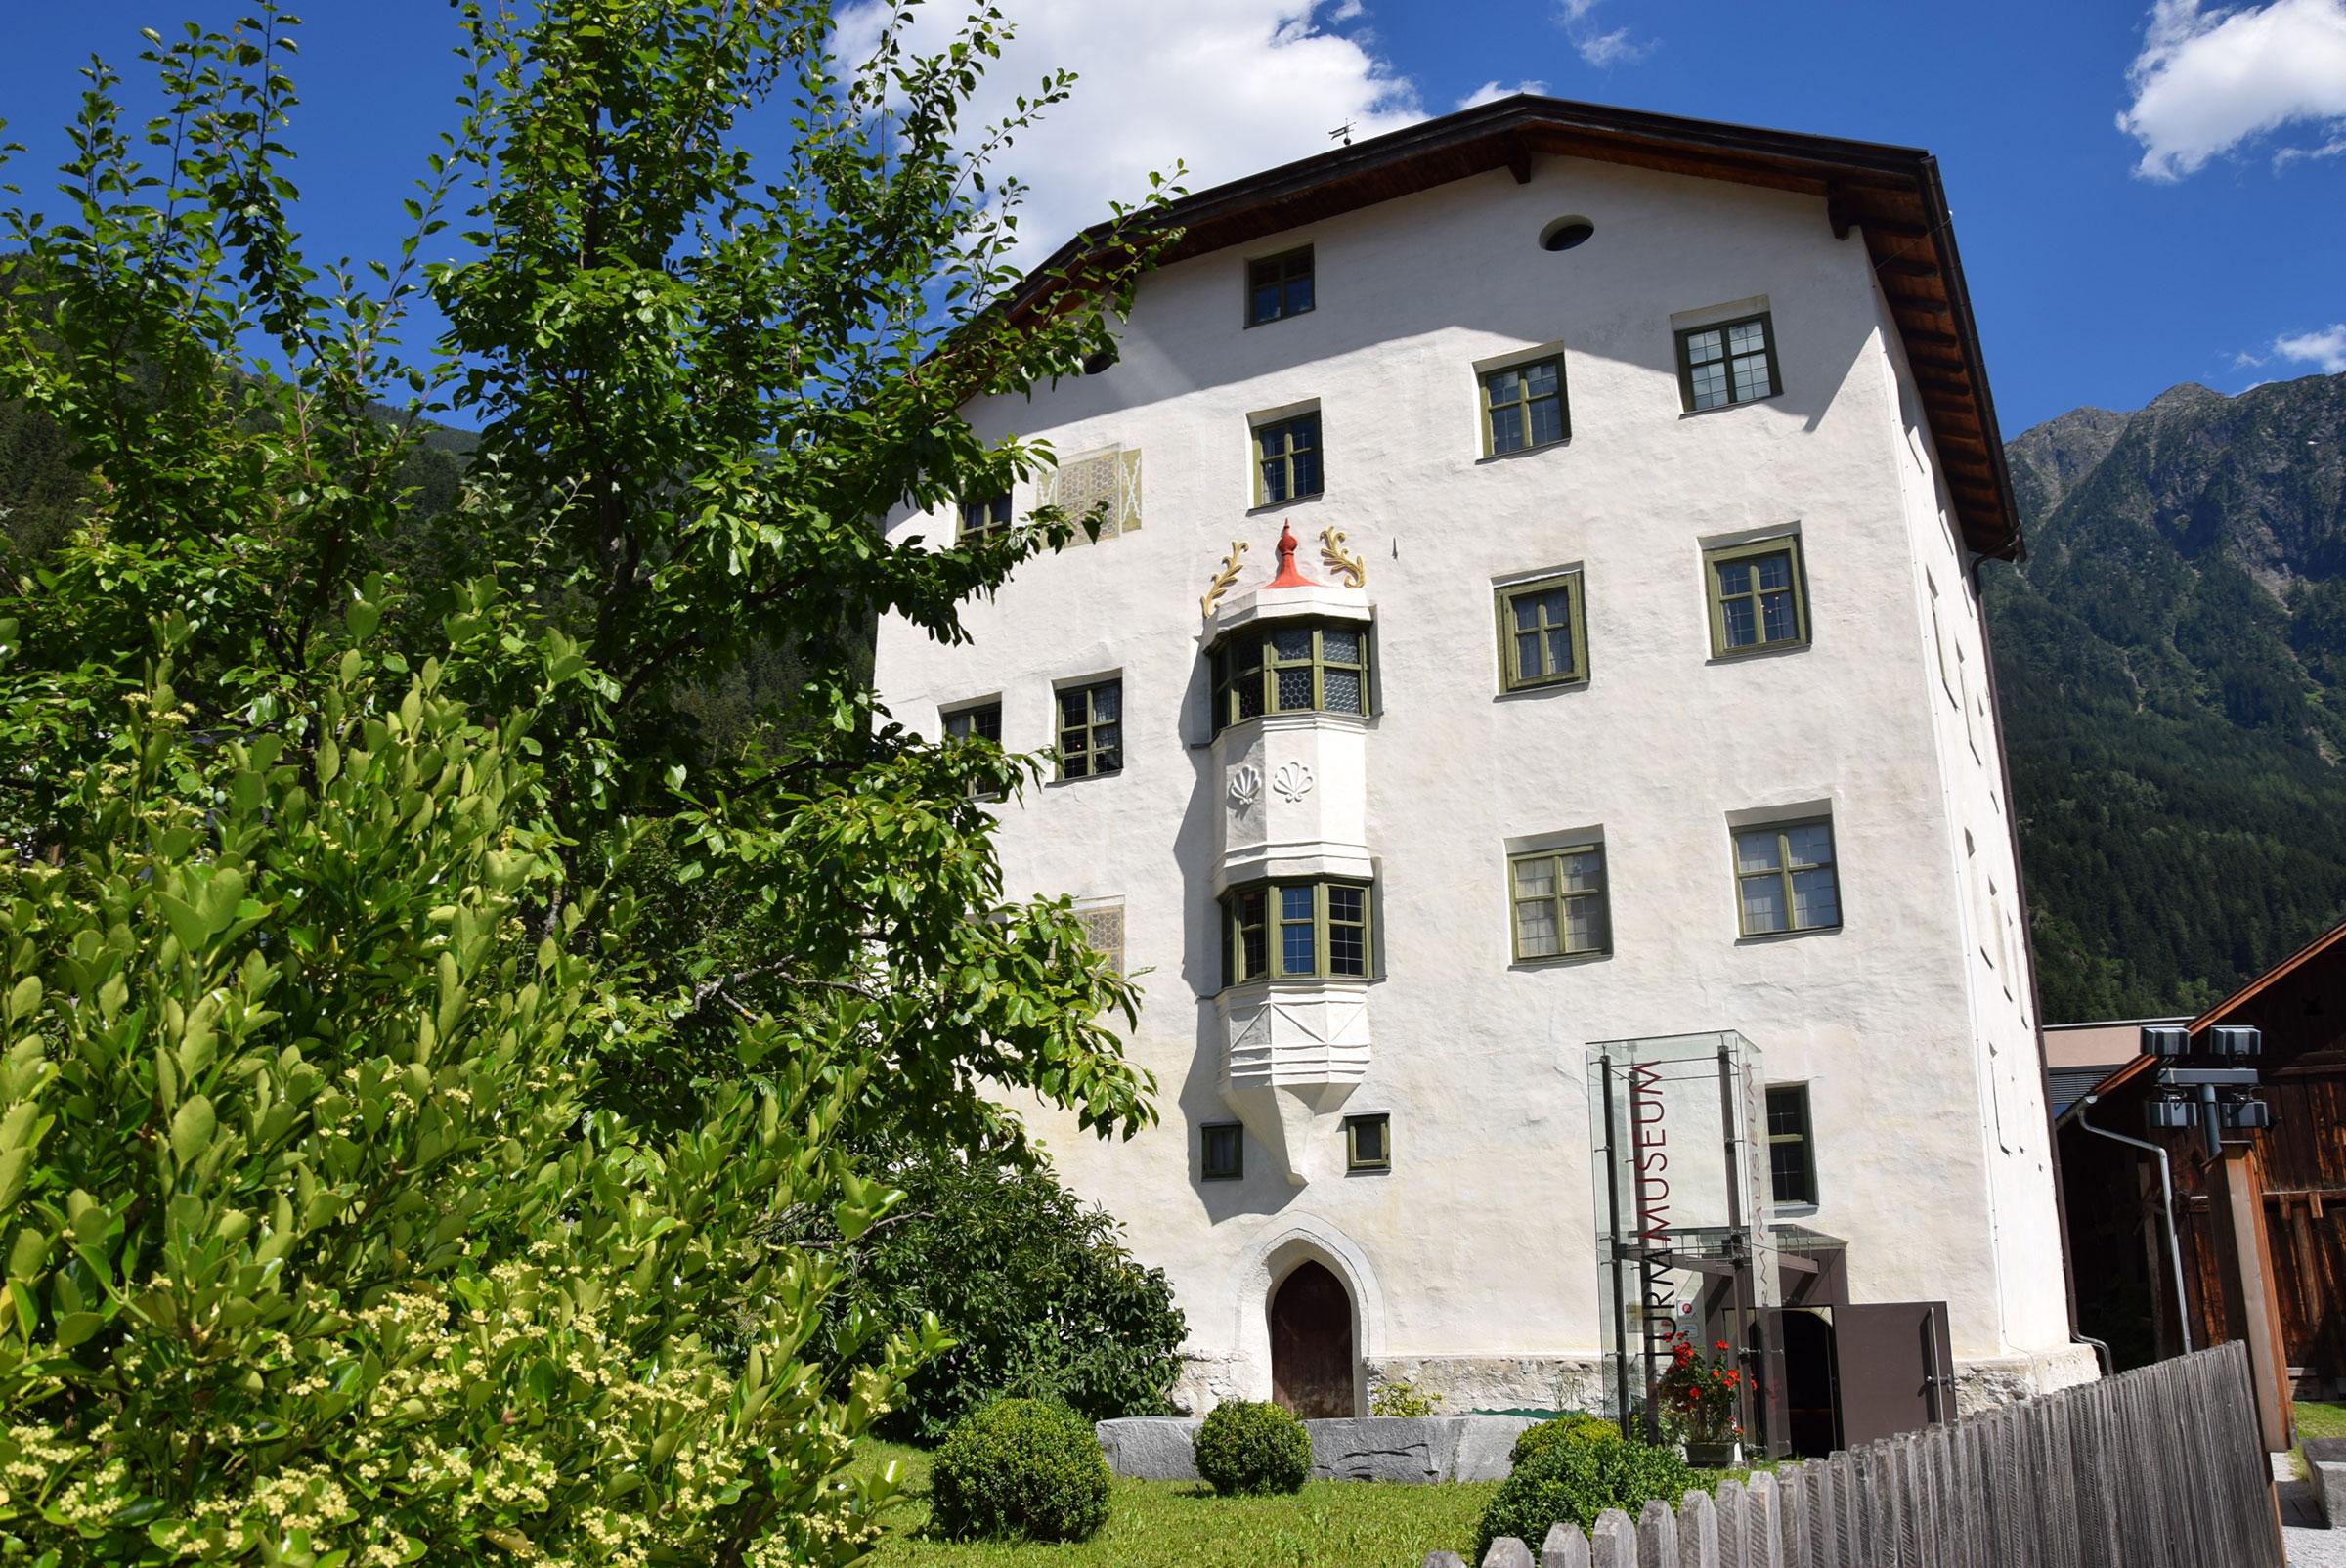 Turmmuseum Oetz - der Hitze entfliehen